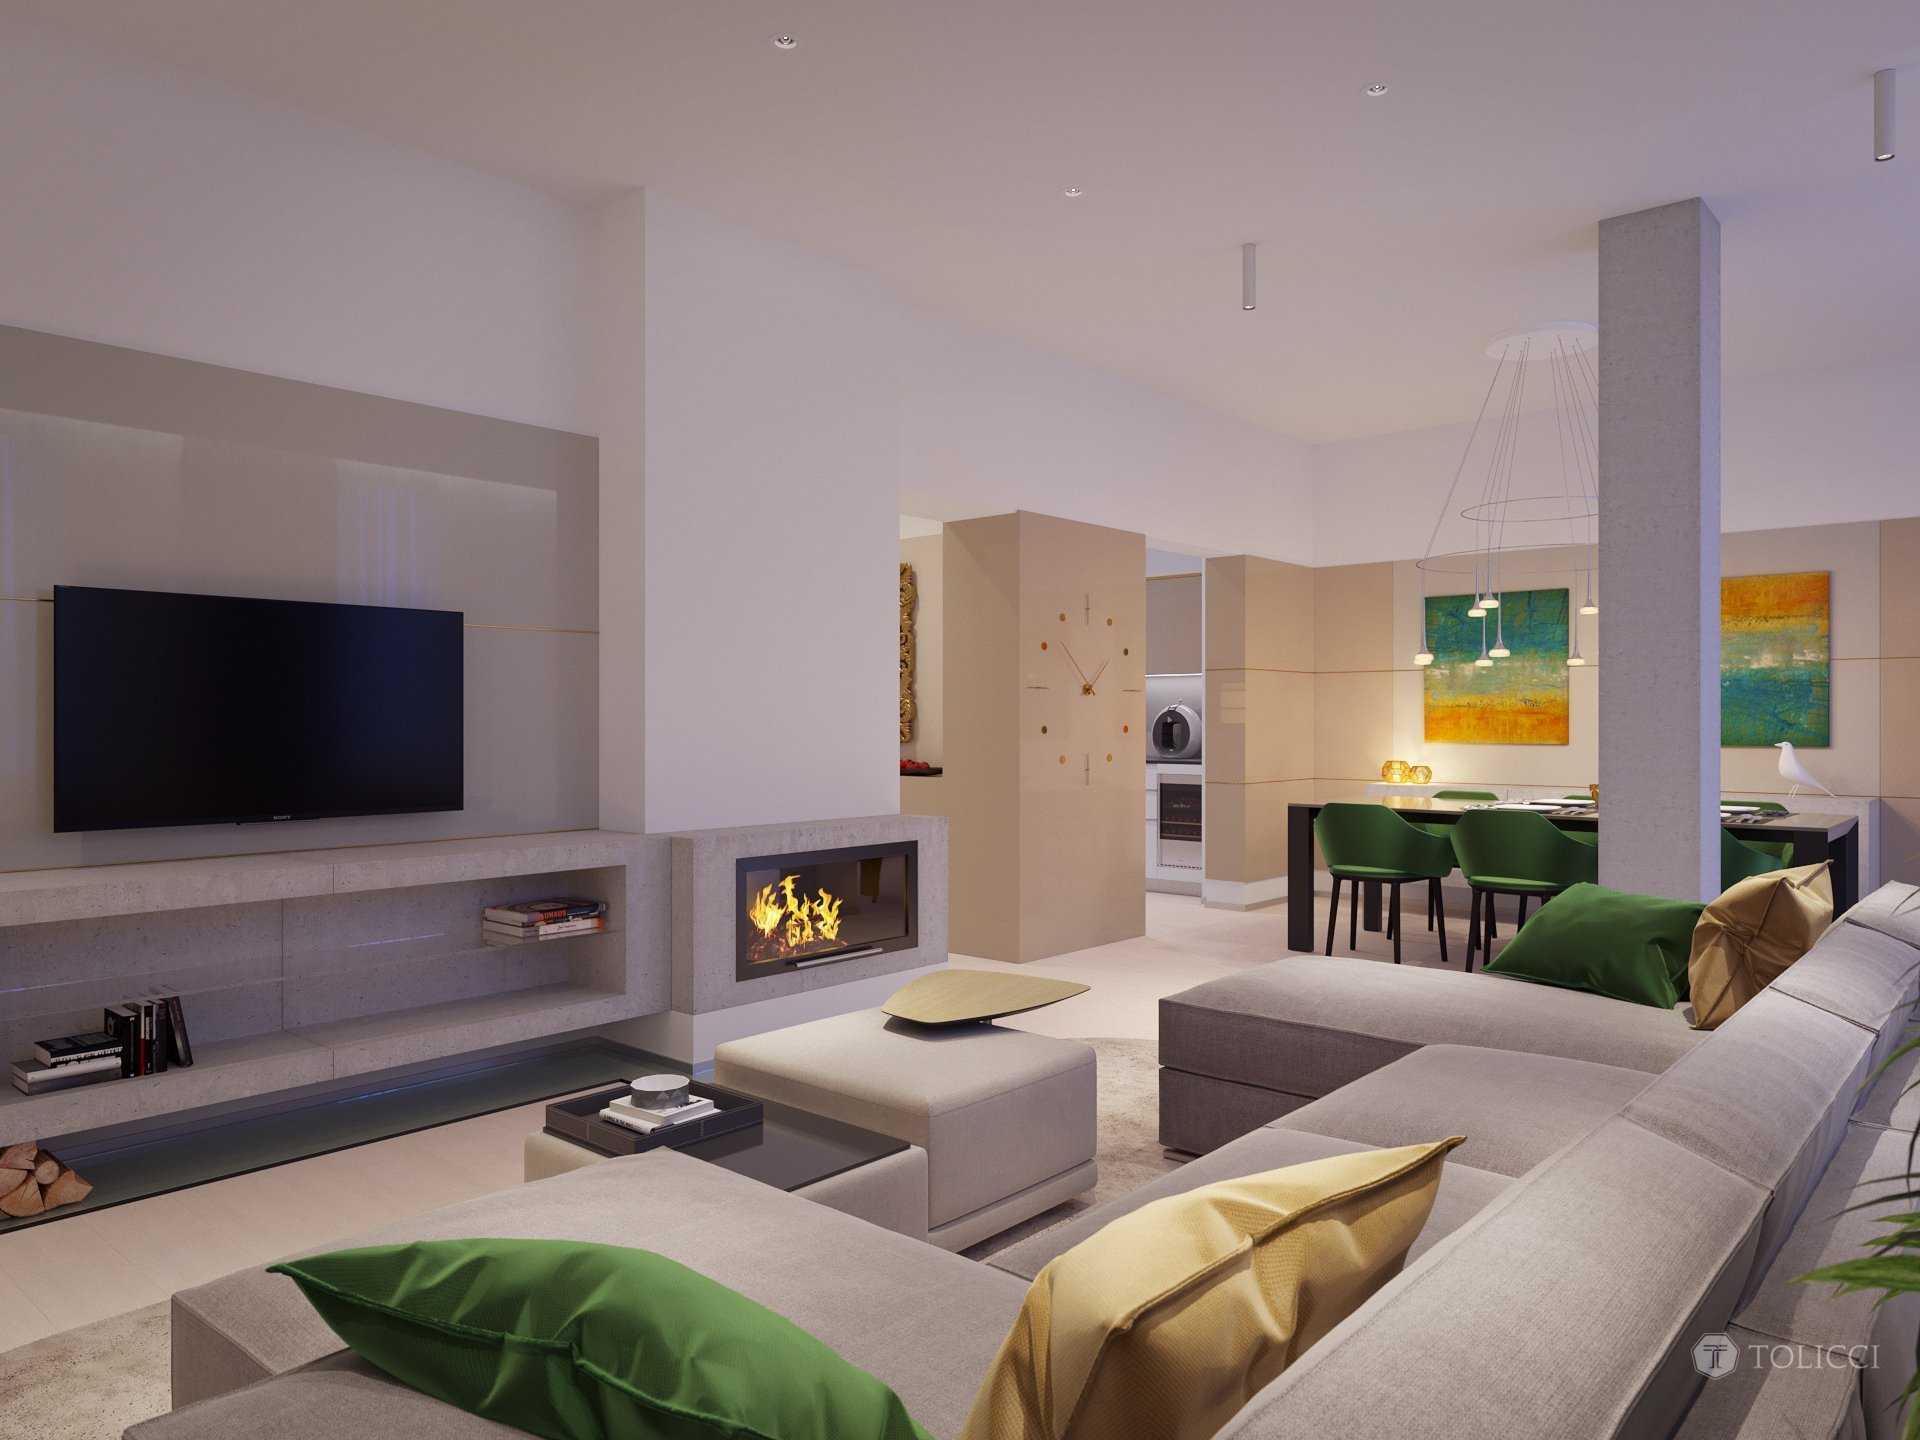 Cieľom návrhu bolo vytvorenie príjemného, moderného interiéru založeného na jemných zemitých prechodoch so zacielením sa na pohodovú atmosféru bývania. Ako…